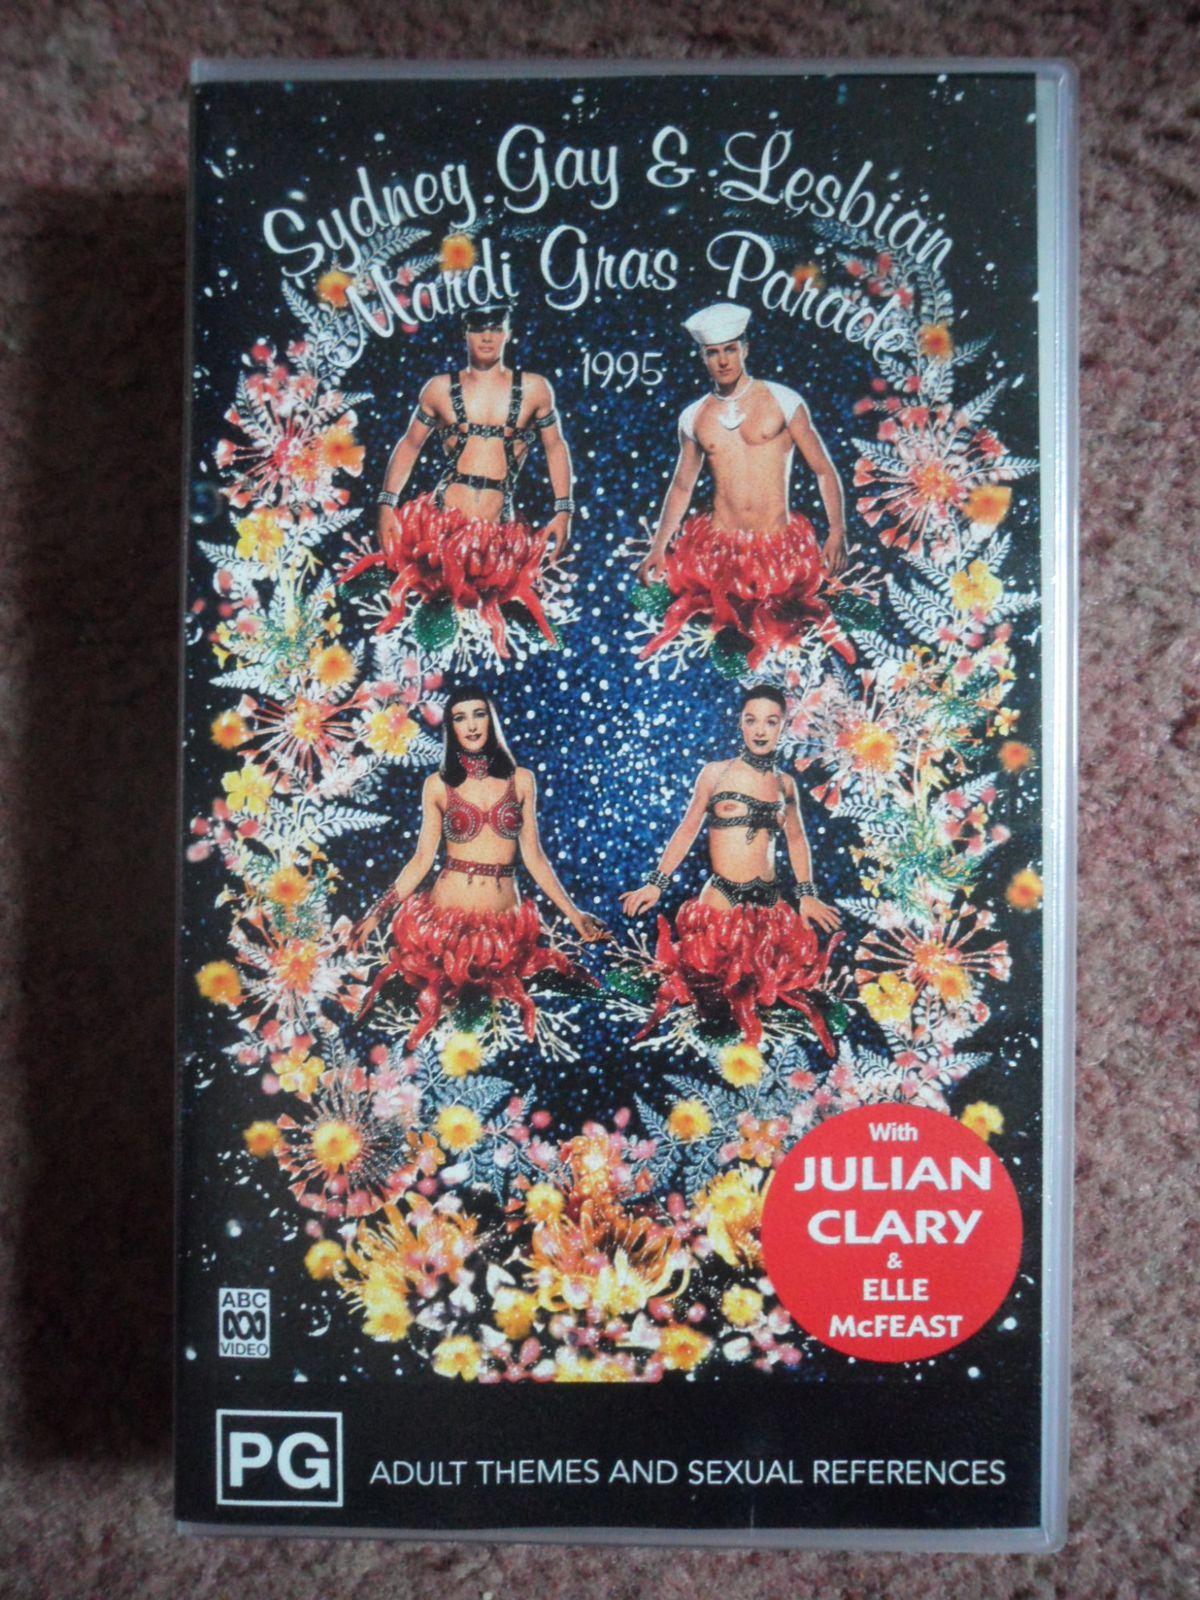 Album - DVD